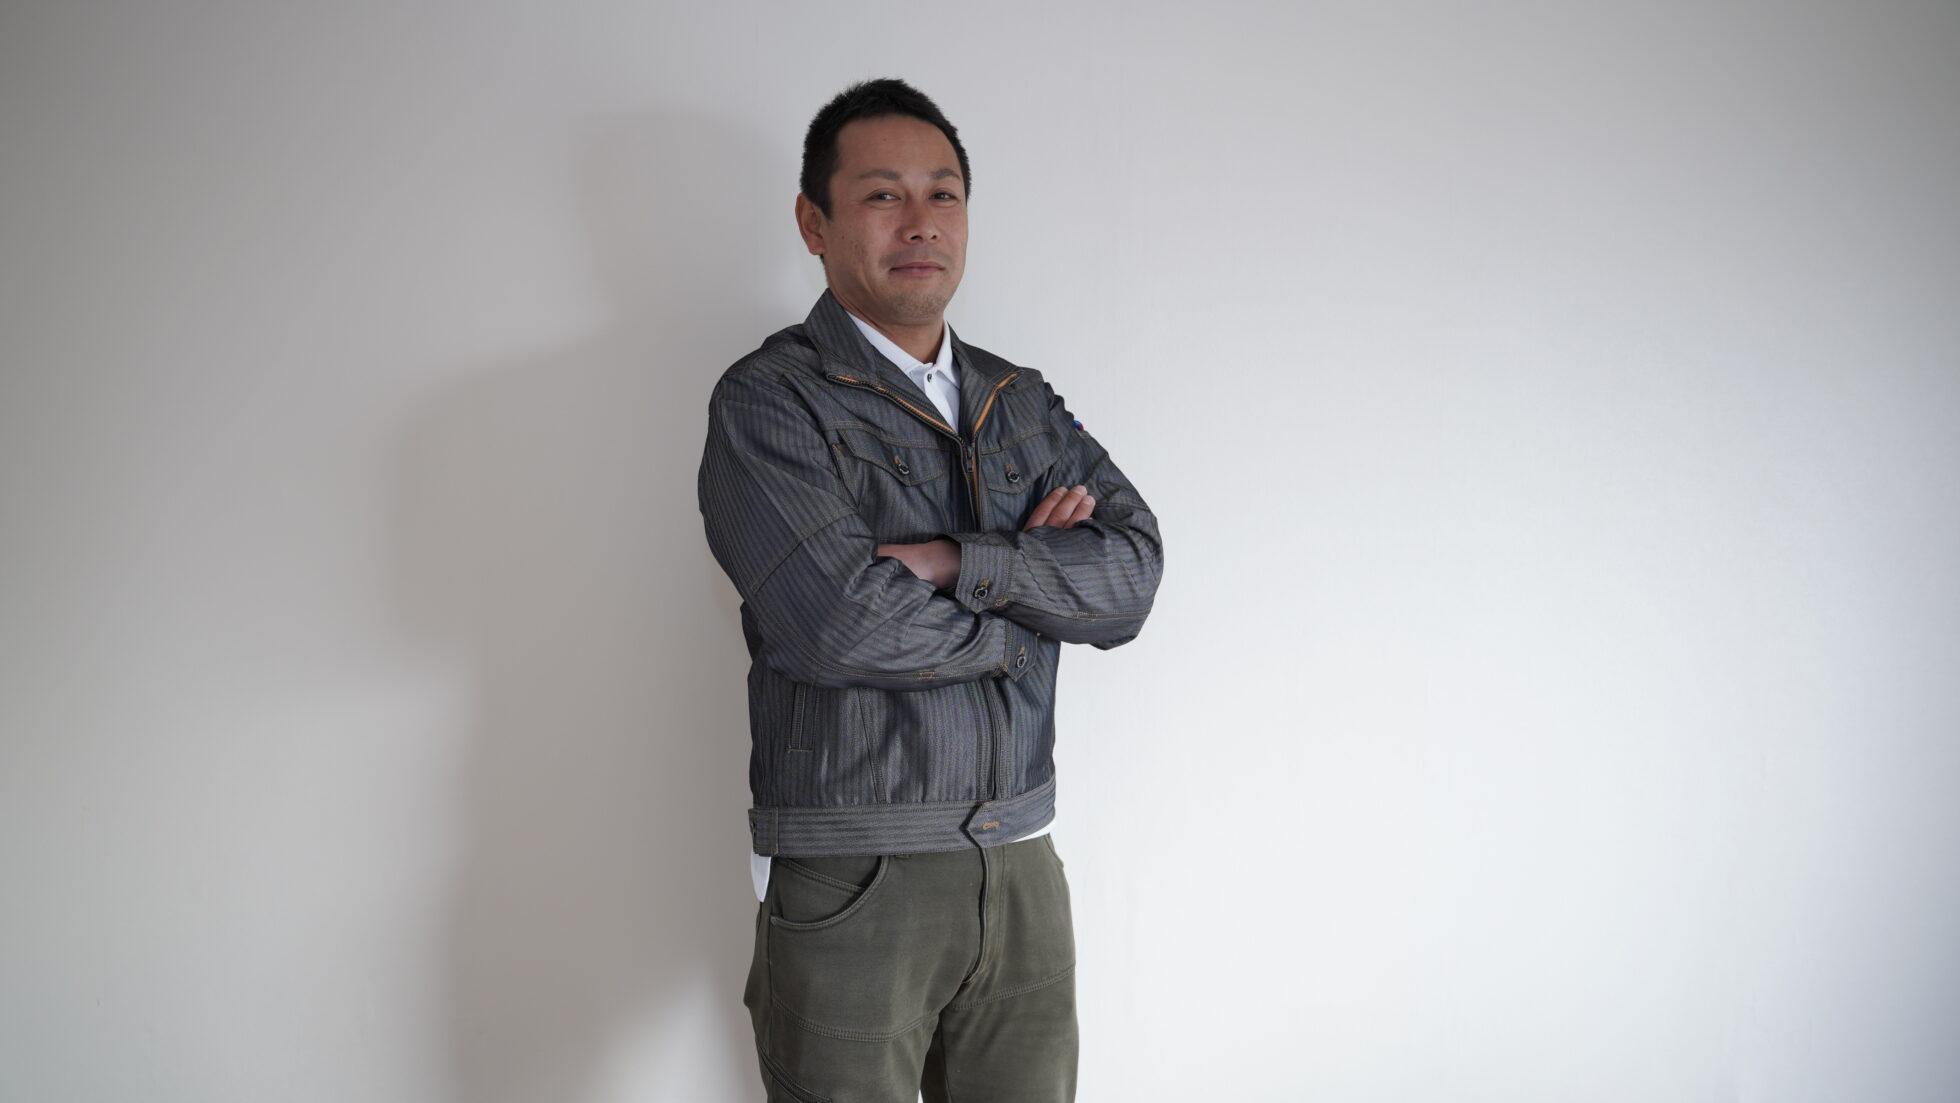 「岩崎 範久(いわさき のりひさ)」の顔写真